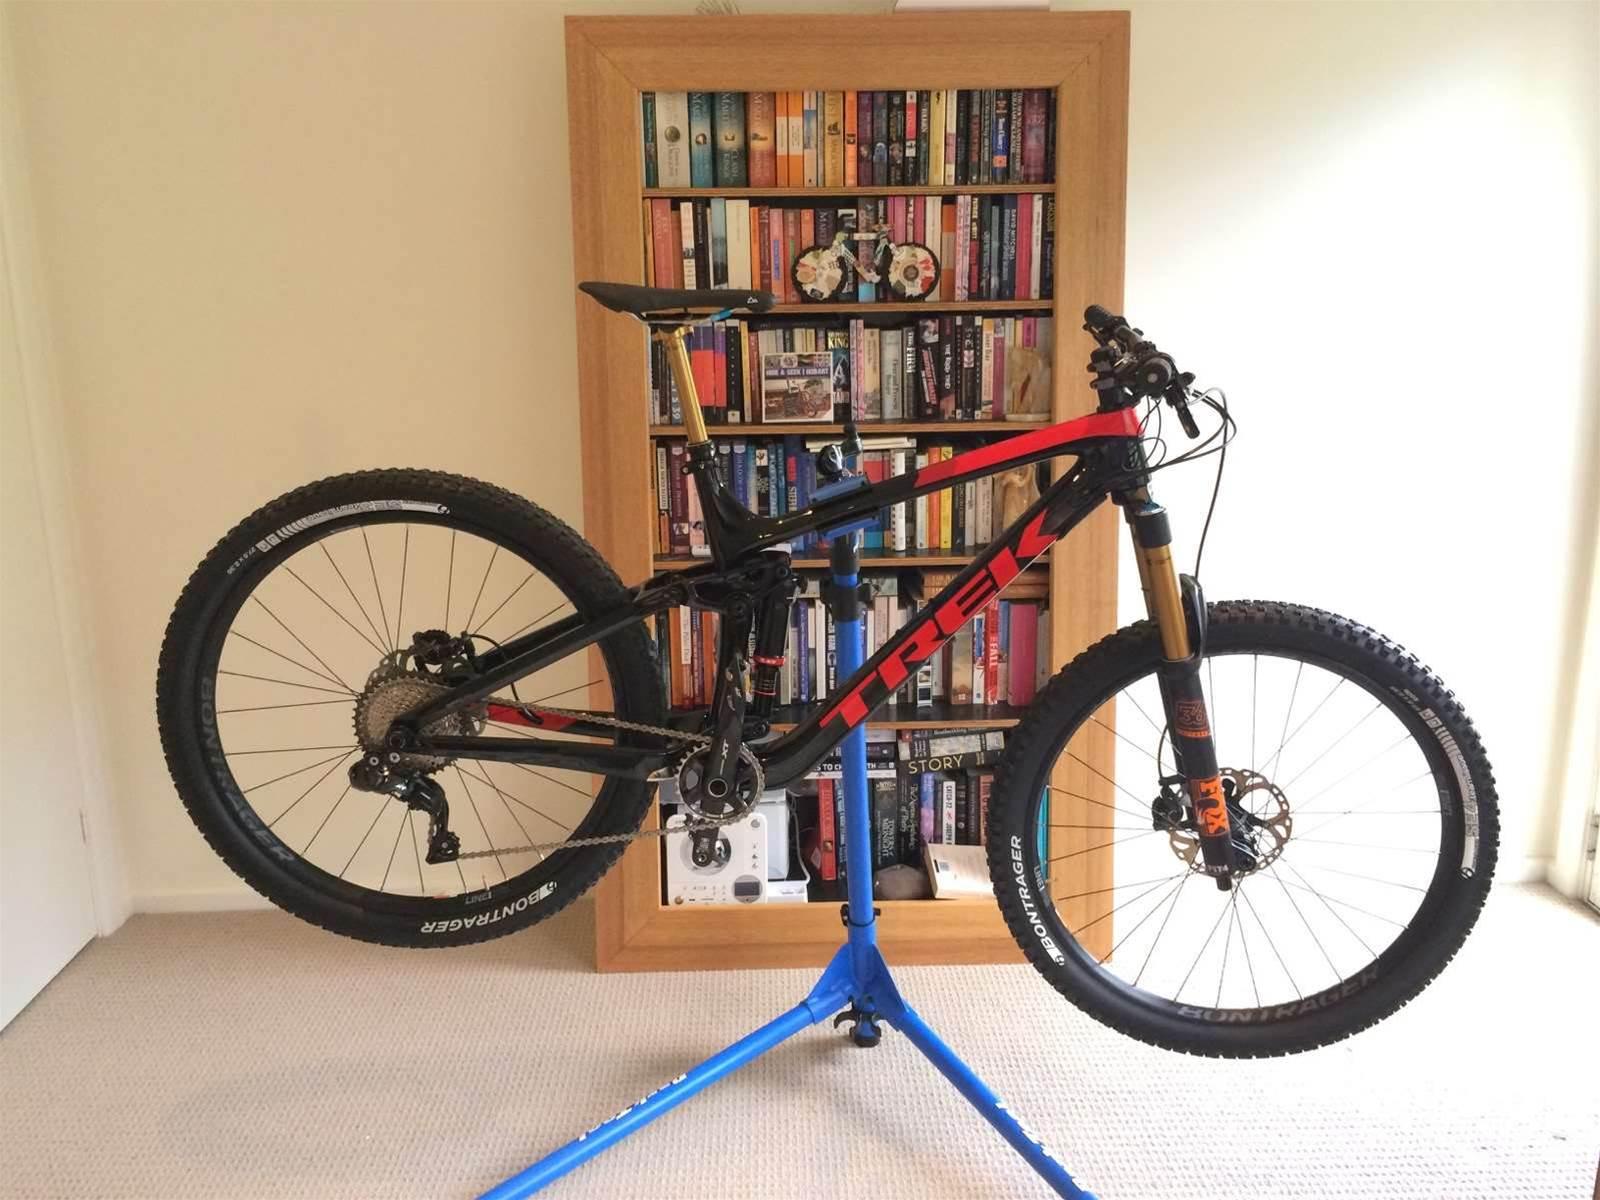 The Trek Remedy Di2 super bike - unveiled